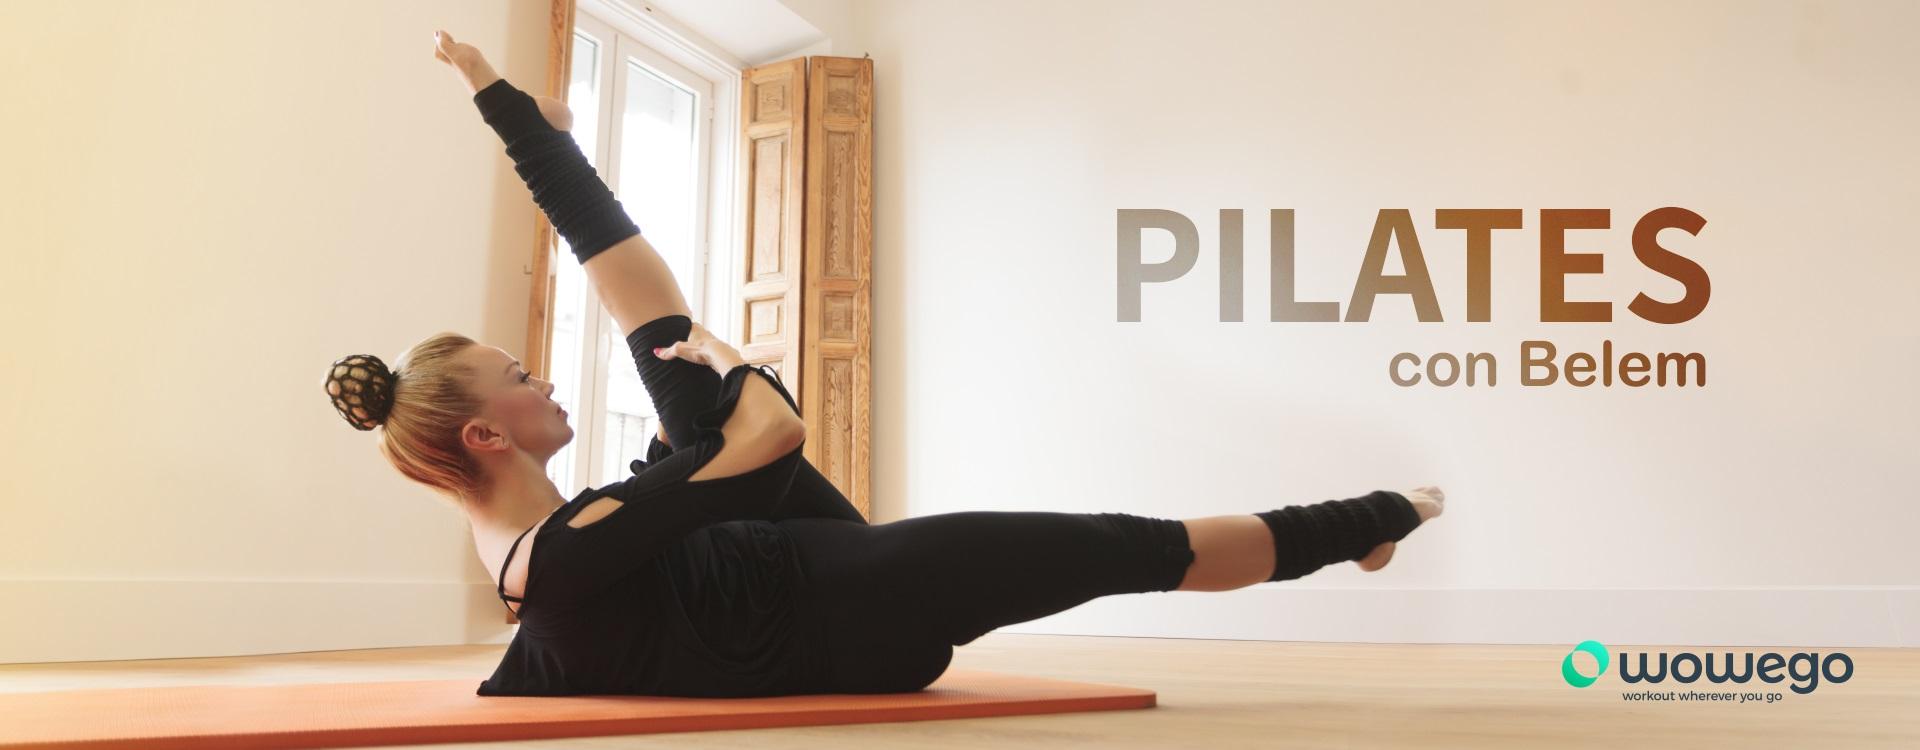 Video promo para wowego (workout wherever you go) - Fitness app